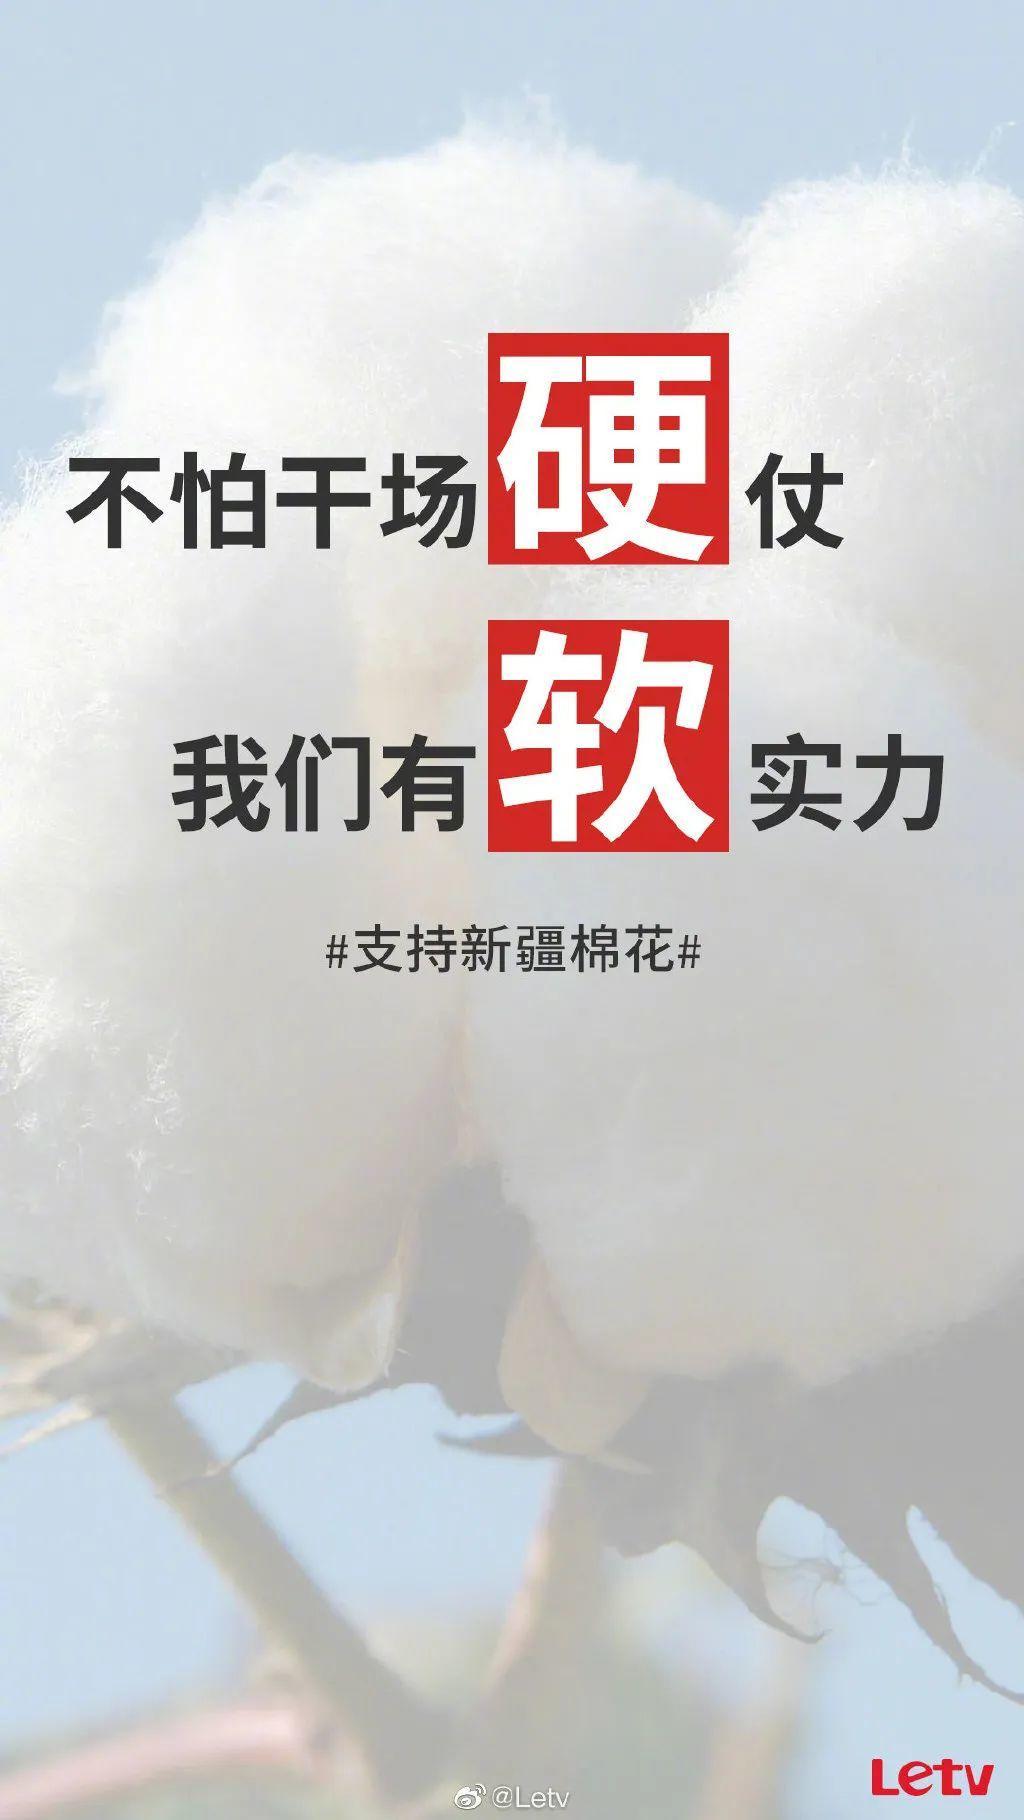 借势支持新疆棉花文案!国产品牌文案欣赏:新疆棉在身,中国情在心!插图7